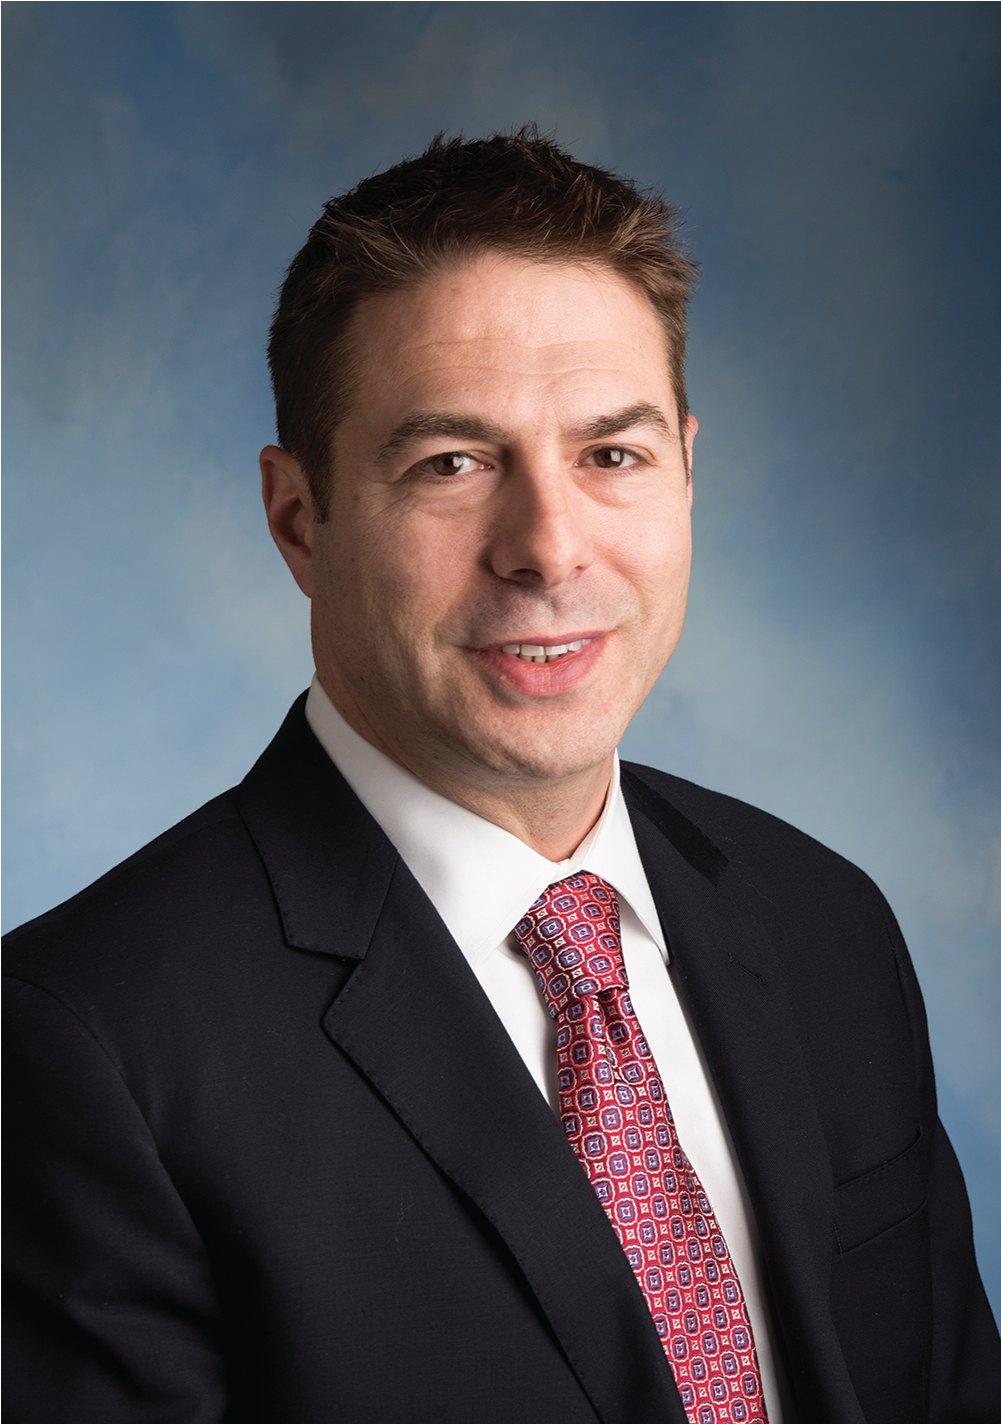 Gary Kirshenbaum